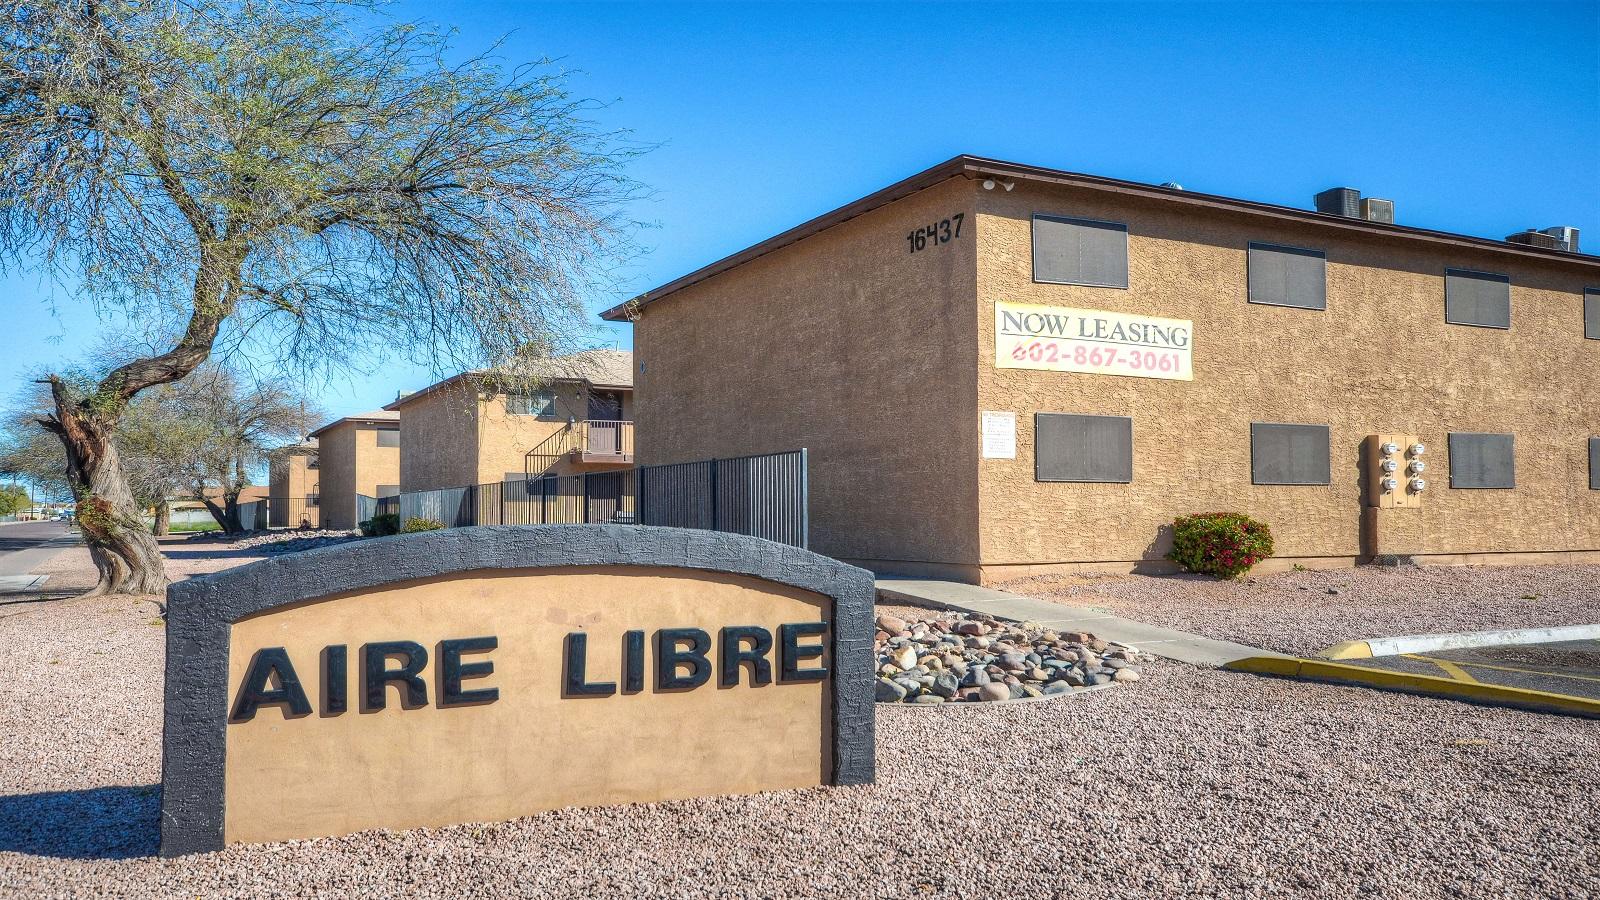 Aire Libre Apartments   16437 North 31st Street, Phoenix, AZ 85032   80 Units   Built in 1985   $5,250,000   $65,625 Per Unit   $93.92 Per SF